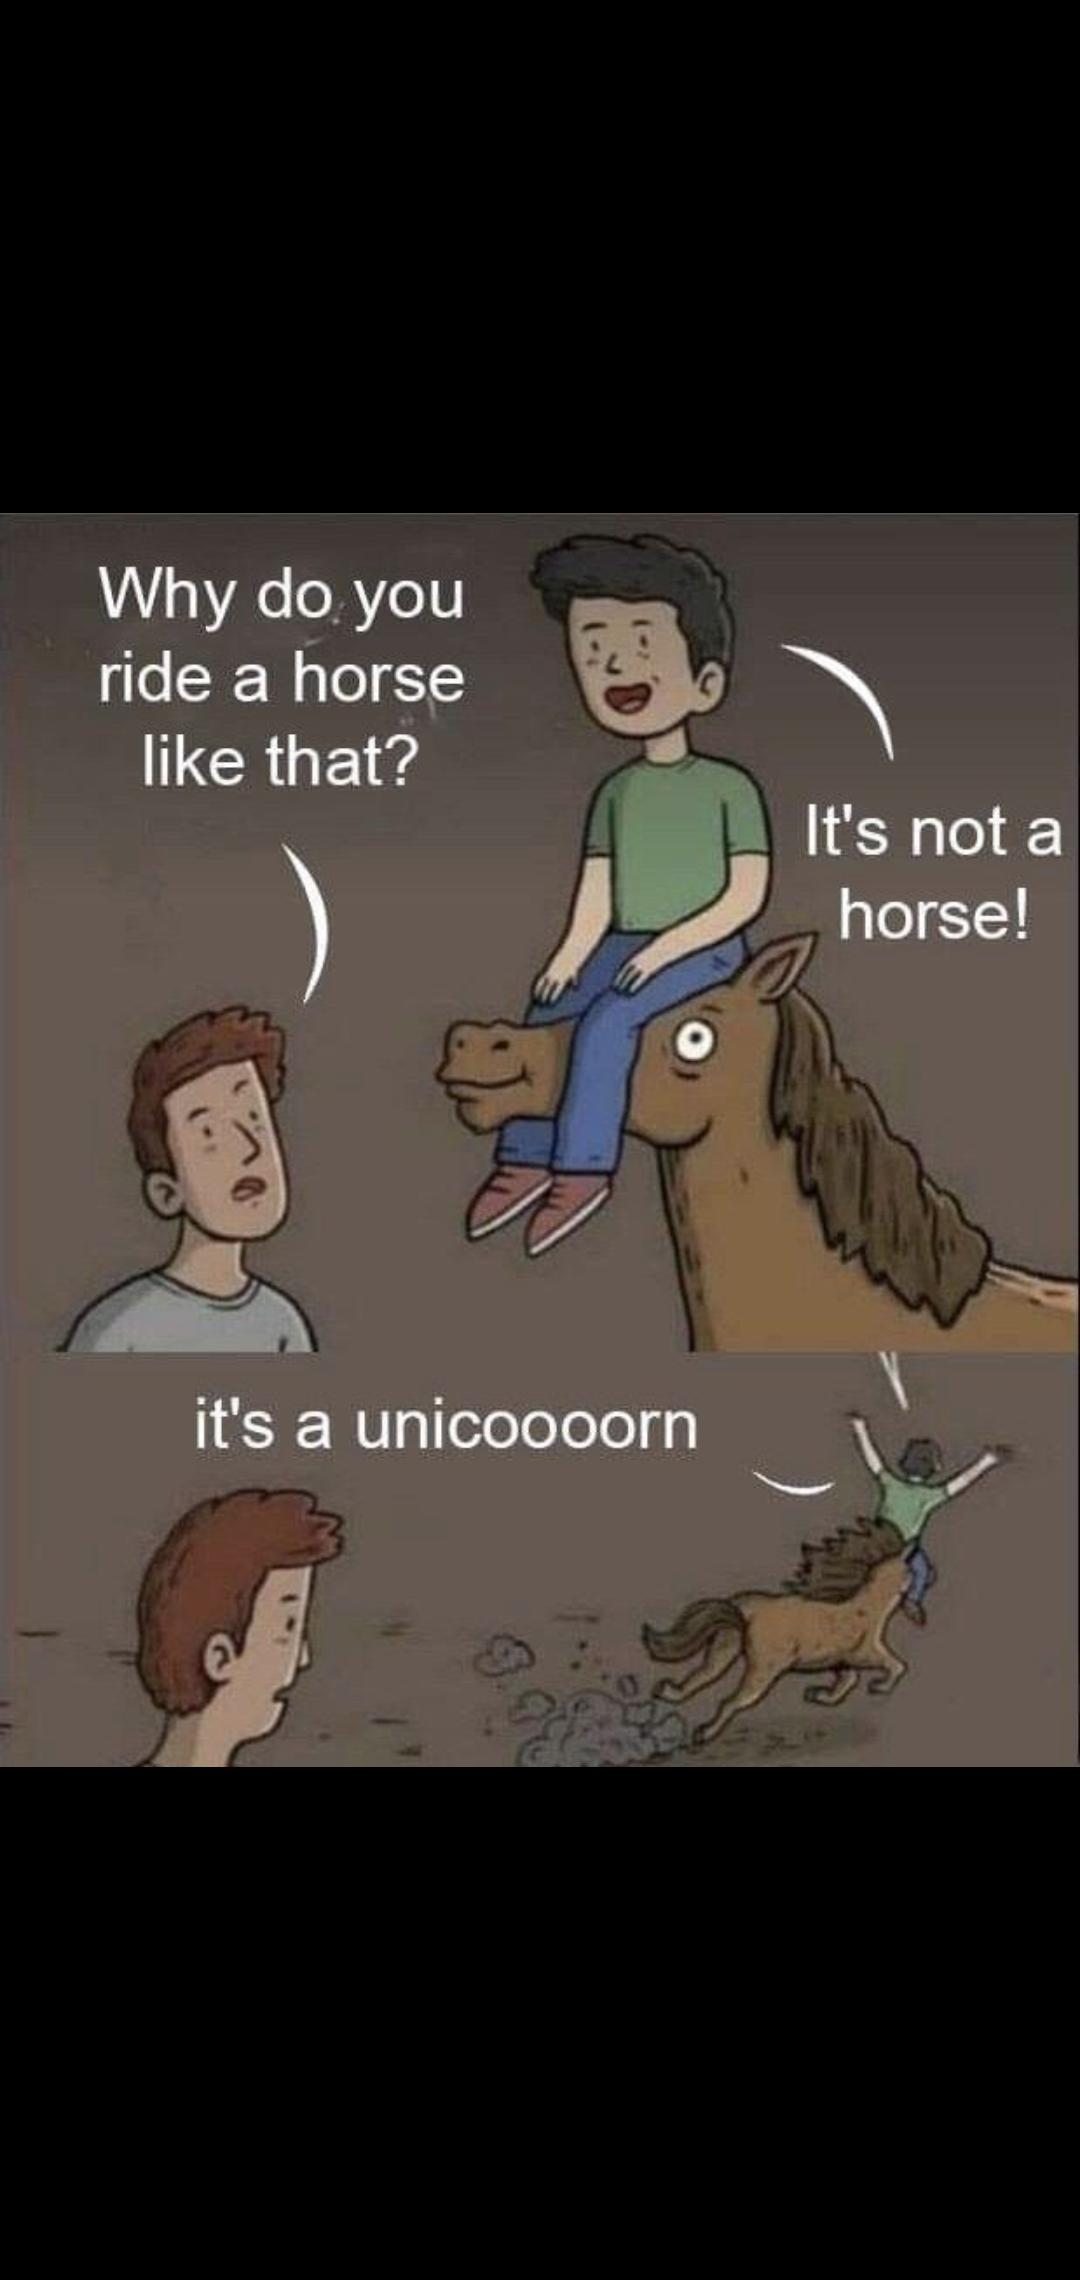 It's a unicoooorn!